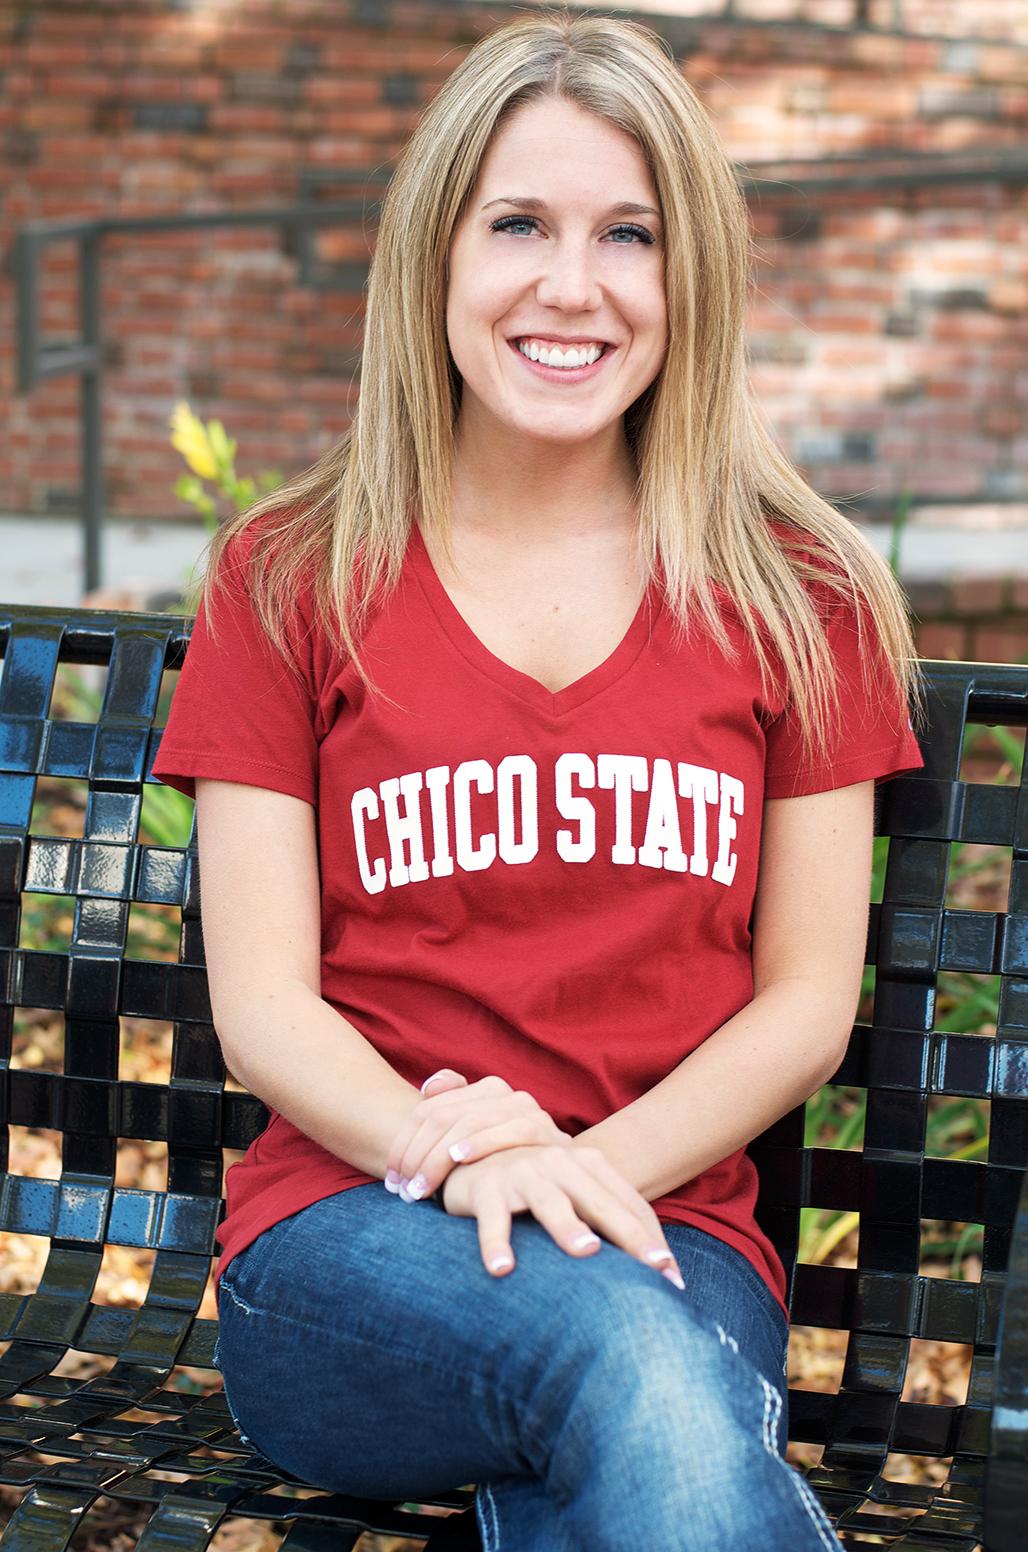 Chico State Shirt - Heather Selzer.jpg